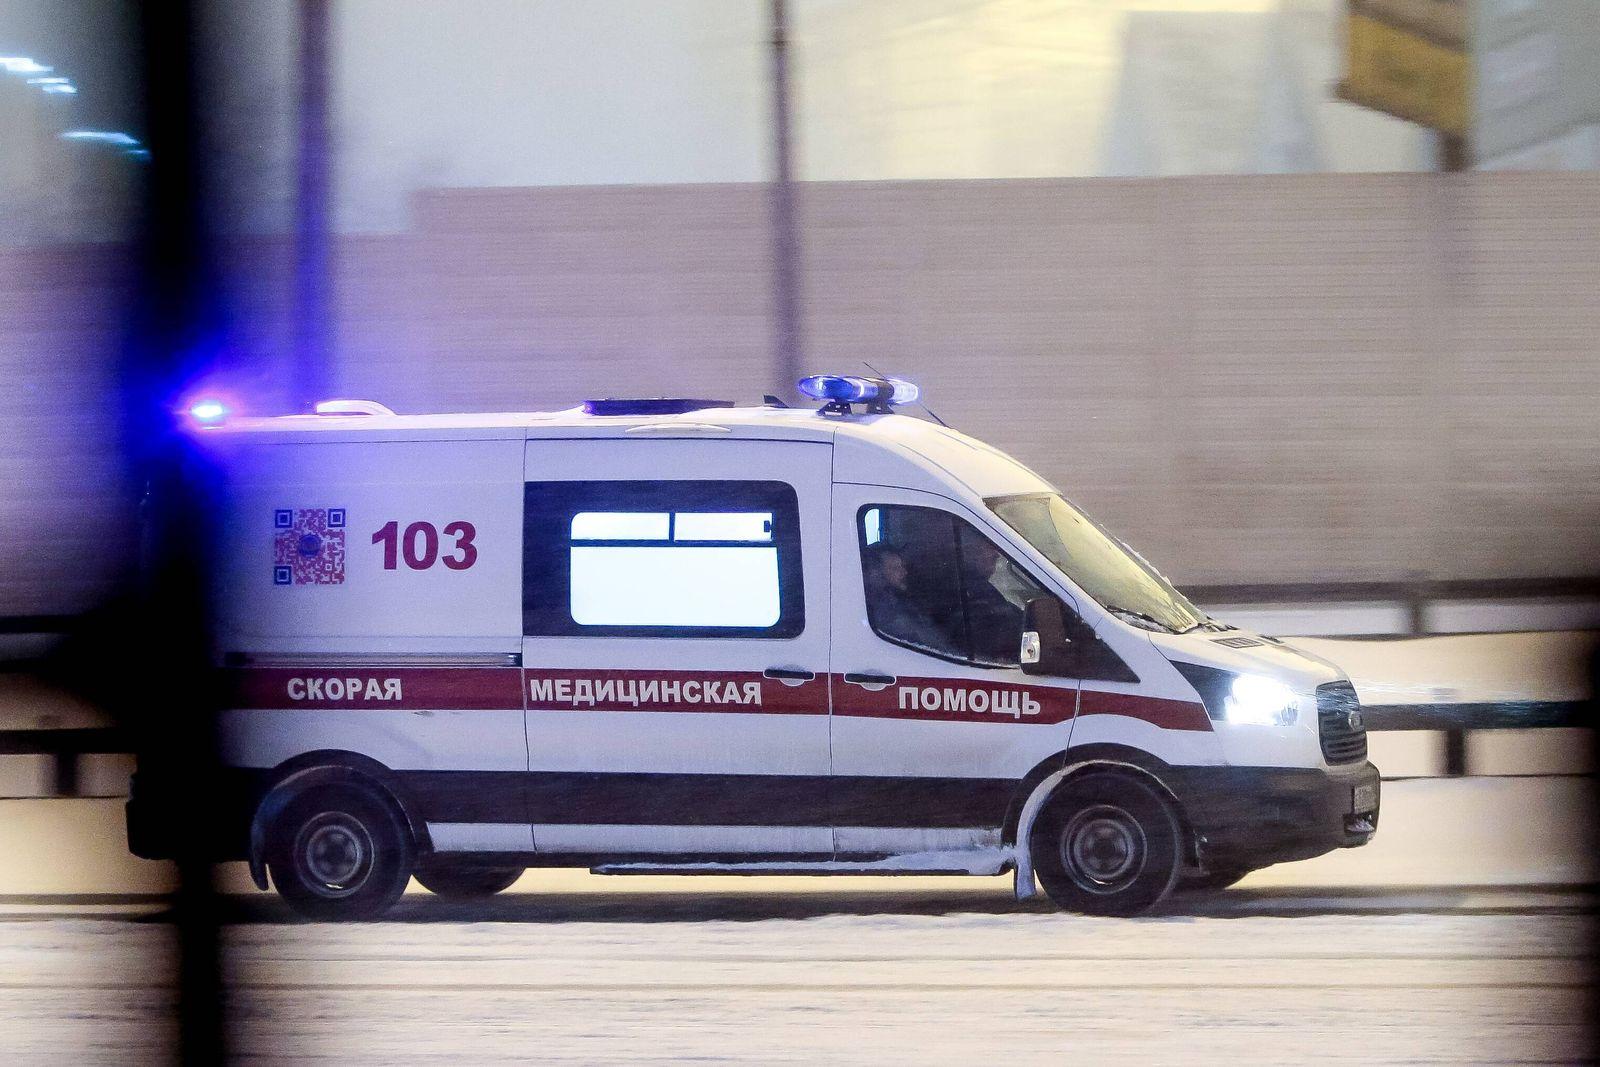 Heavy snowfall in Moscow, Russia. Car in traffic heacy snowfall. Ambulance DmitryxGolubovich